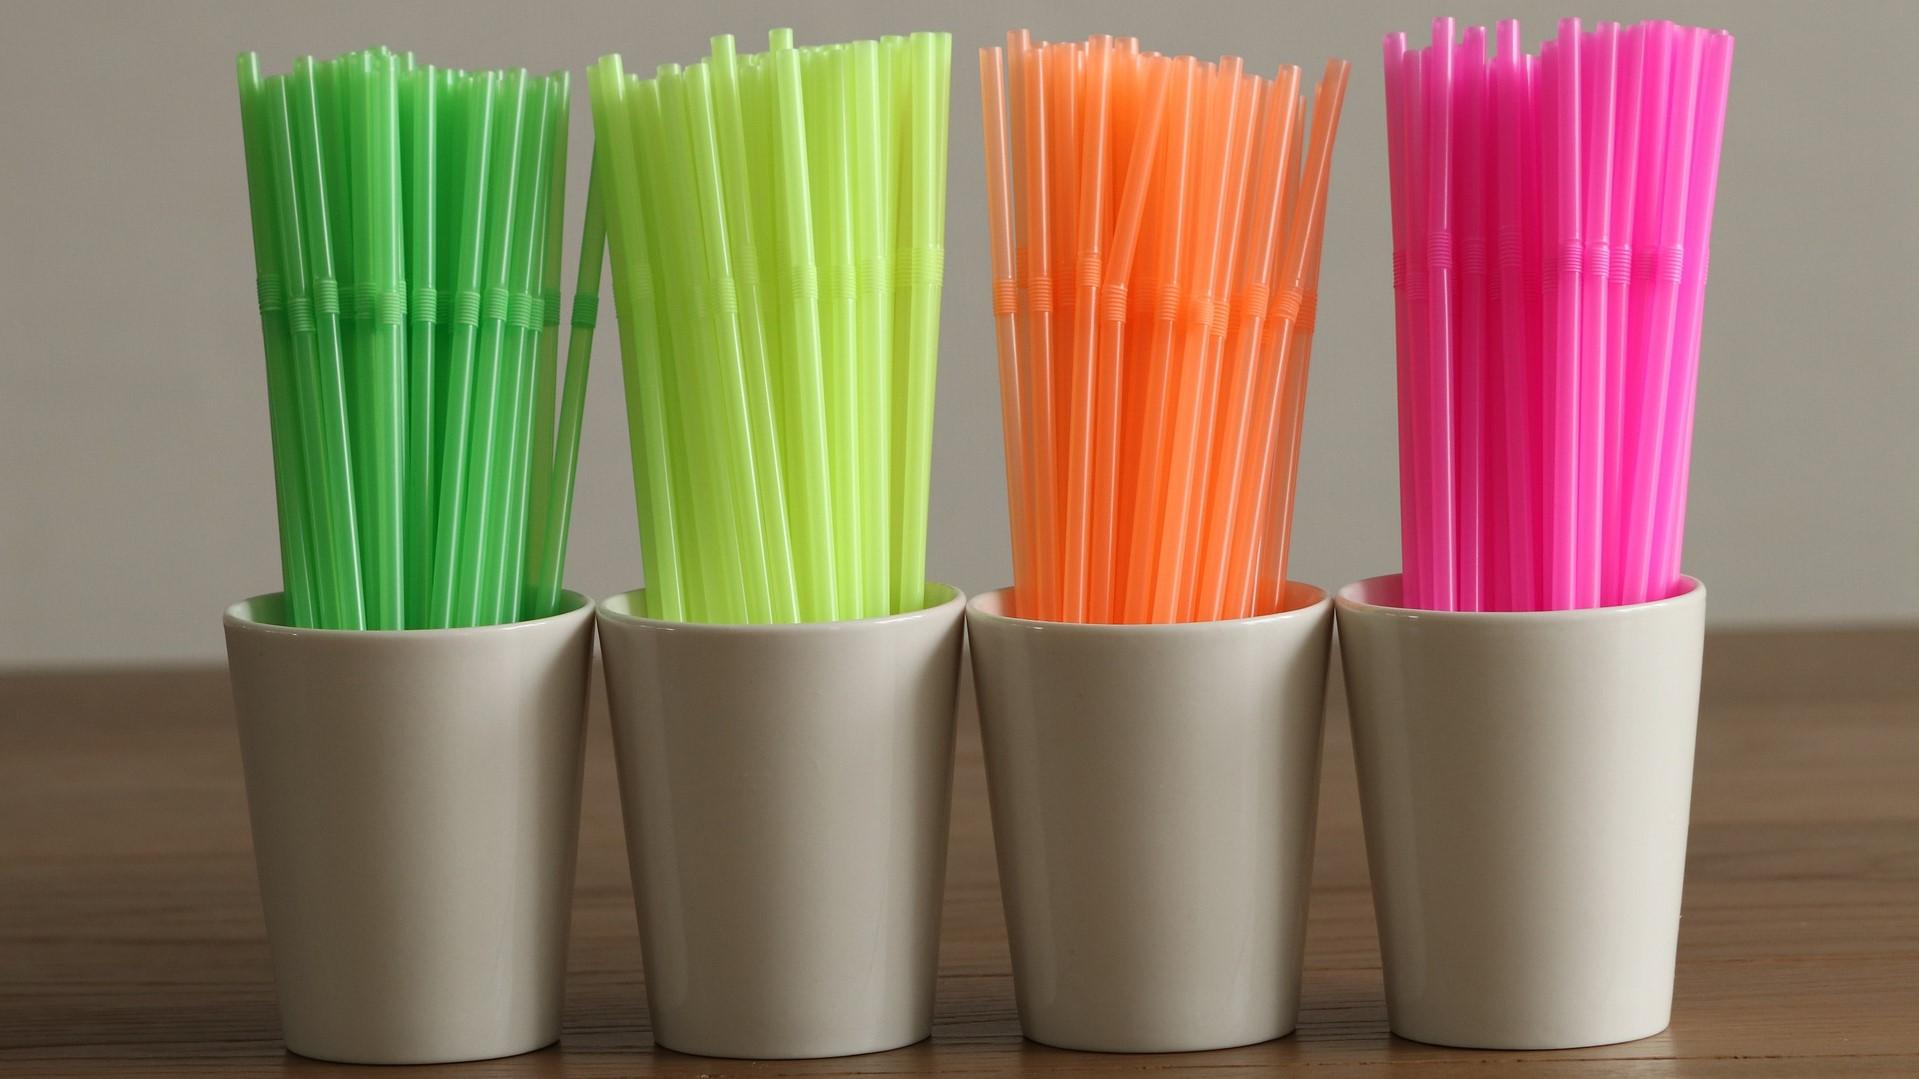 Groene, gele, oranje en roze rietjes in potten